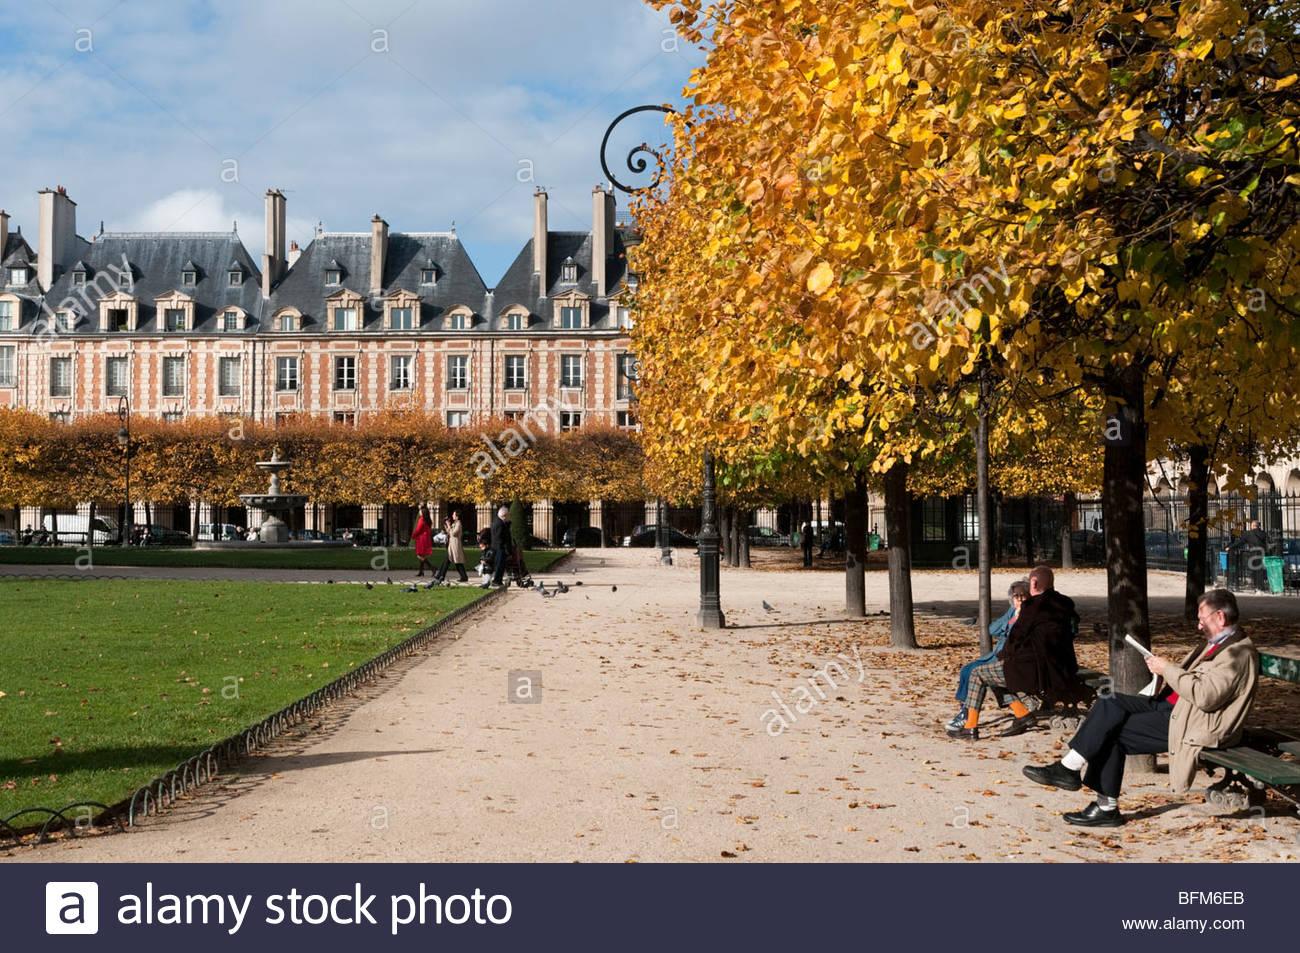 The Place des Vosges, Le Marais, Paris, France - Stock Image